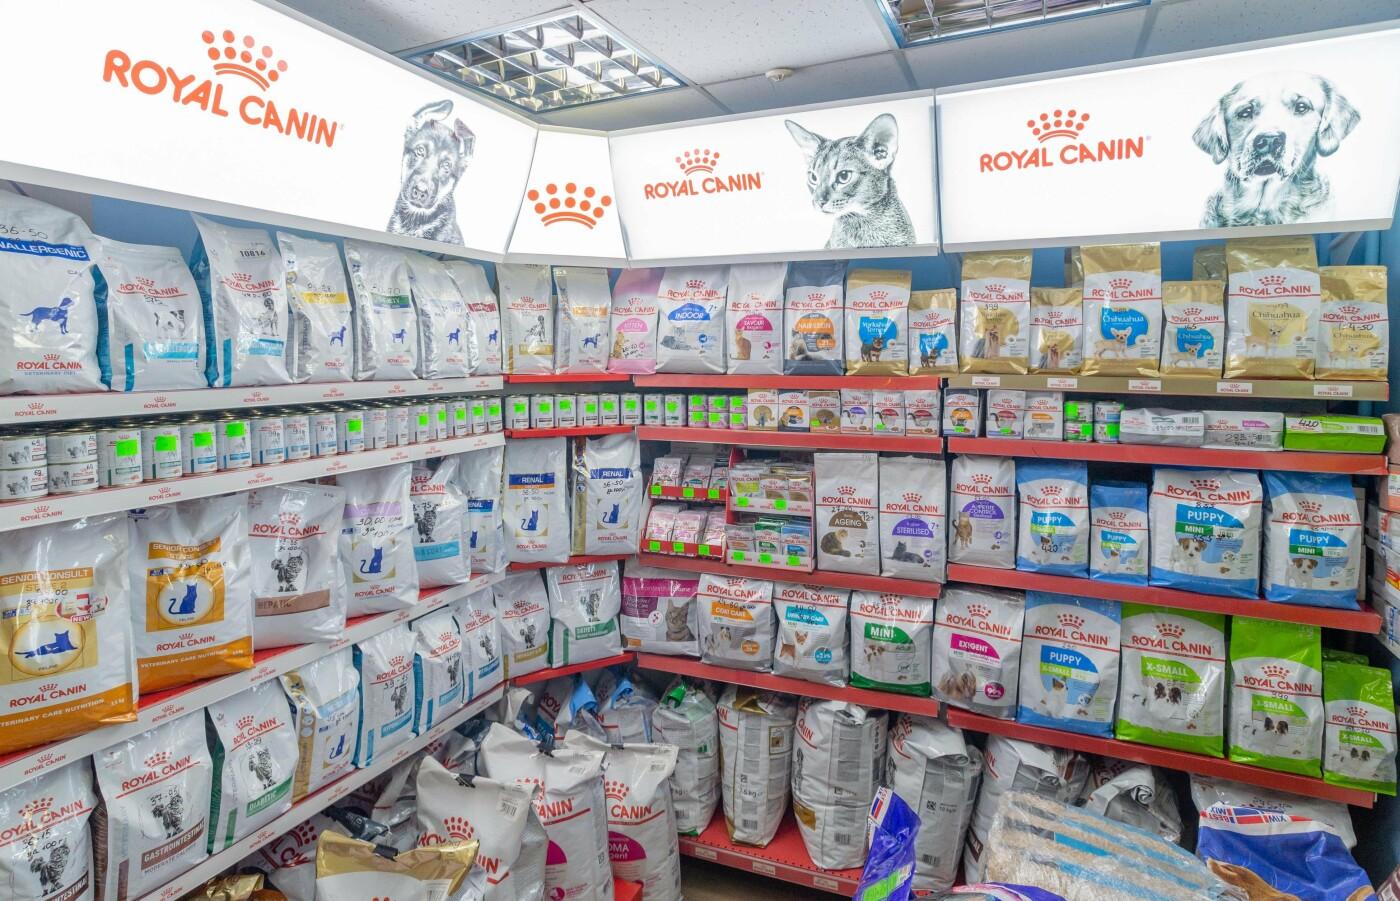 Харчування домашніх тварин: де лозівчанам допоможуть обрати корисний корм, фото-1